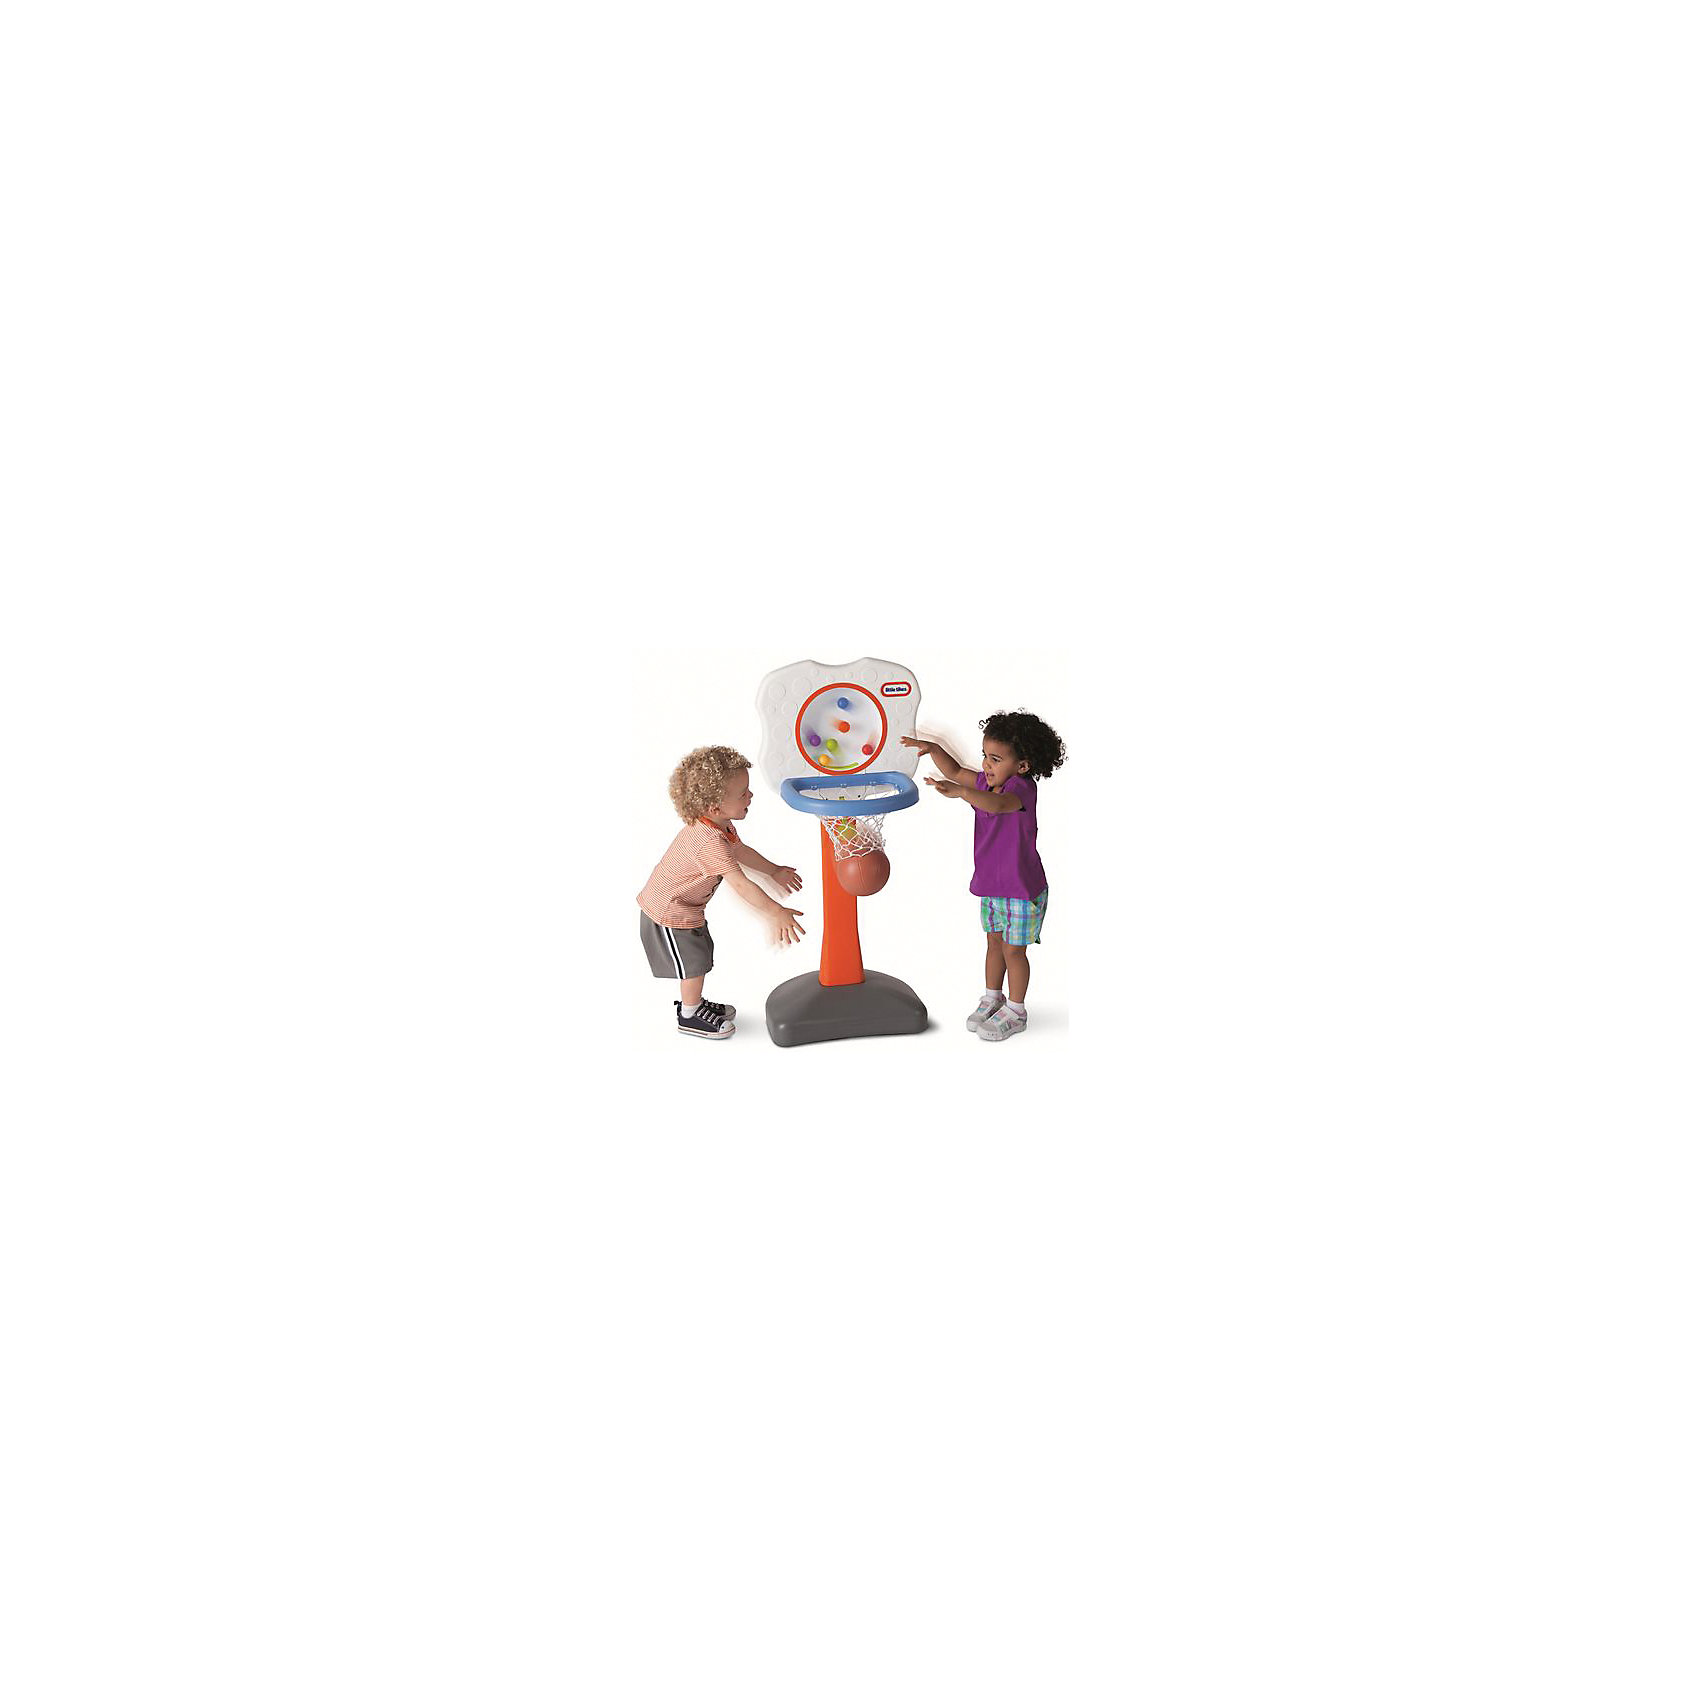 Баскетбольный щит с мячом для малышей, Little TikesМячи детские<br>С этим набором ваш малыш сможет весело и с пользой провести время. Закидывая мяч в корзину, юный спортсмен будет тренировать меткость и ловкость и, конечно, получать море положительных эмоций. В щите вмонтированы разноцветные шарики, которые будут, перекатываться при каждом броске и издавать звуки. <br><br>Дополнительная информация:<br><br>- Материал: пластик, резина.<br>- Размер в собранном виде: 48 х 58,4 х 116,8 см<br>- В комплекте небольшой мяч.<br>- Требуется сборка.<br><br>Баскетбольный щит с мячом для малышей, Little Tikes (Литл Тайкс), можно купить в нашем магазине.<br><br>Ширина мм: 180<br>Глубина мм: 520<br>Высота мм: 940<br>Вес г: 4270<br>Возраст от месяцев: 36<br>Возраст до месяцев: 120<br>Пол: Унисекс<br>Возраст: Детский<br>SKU: 4724045